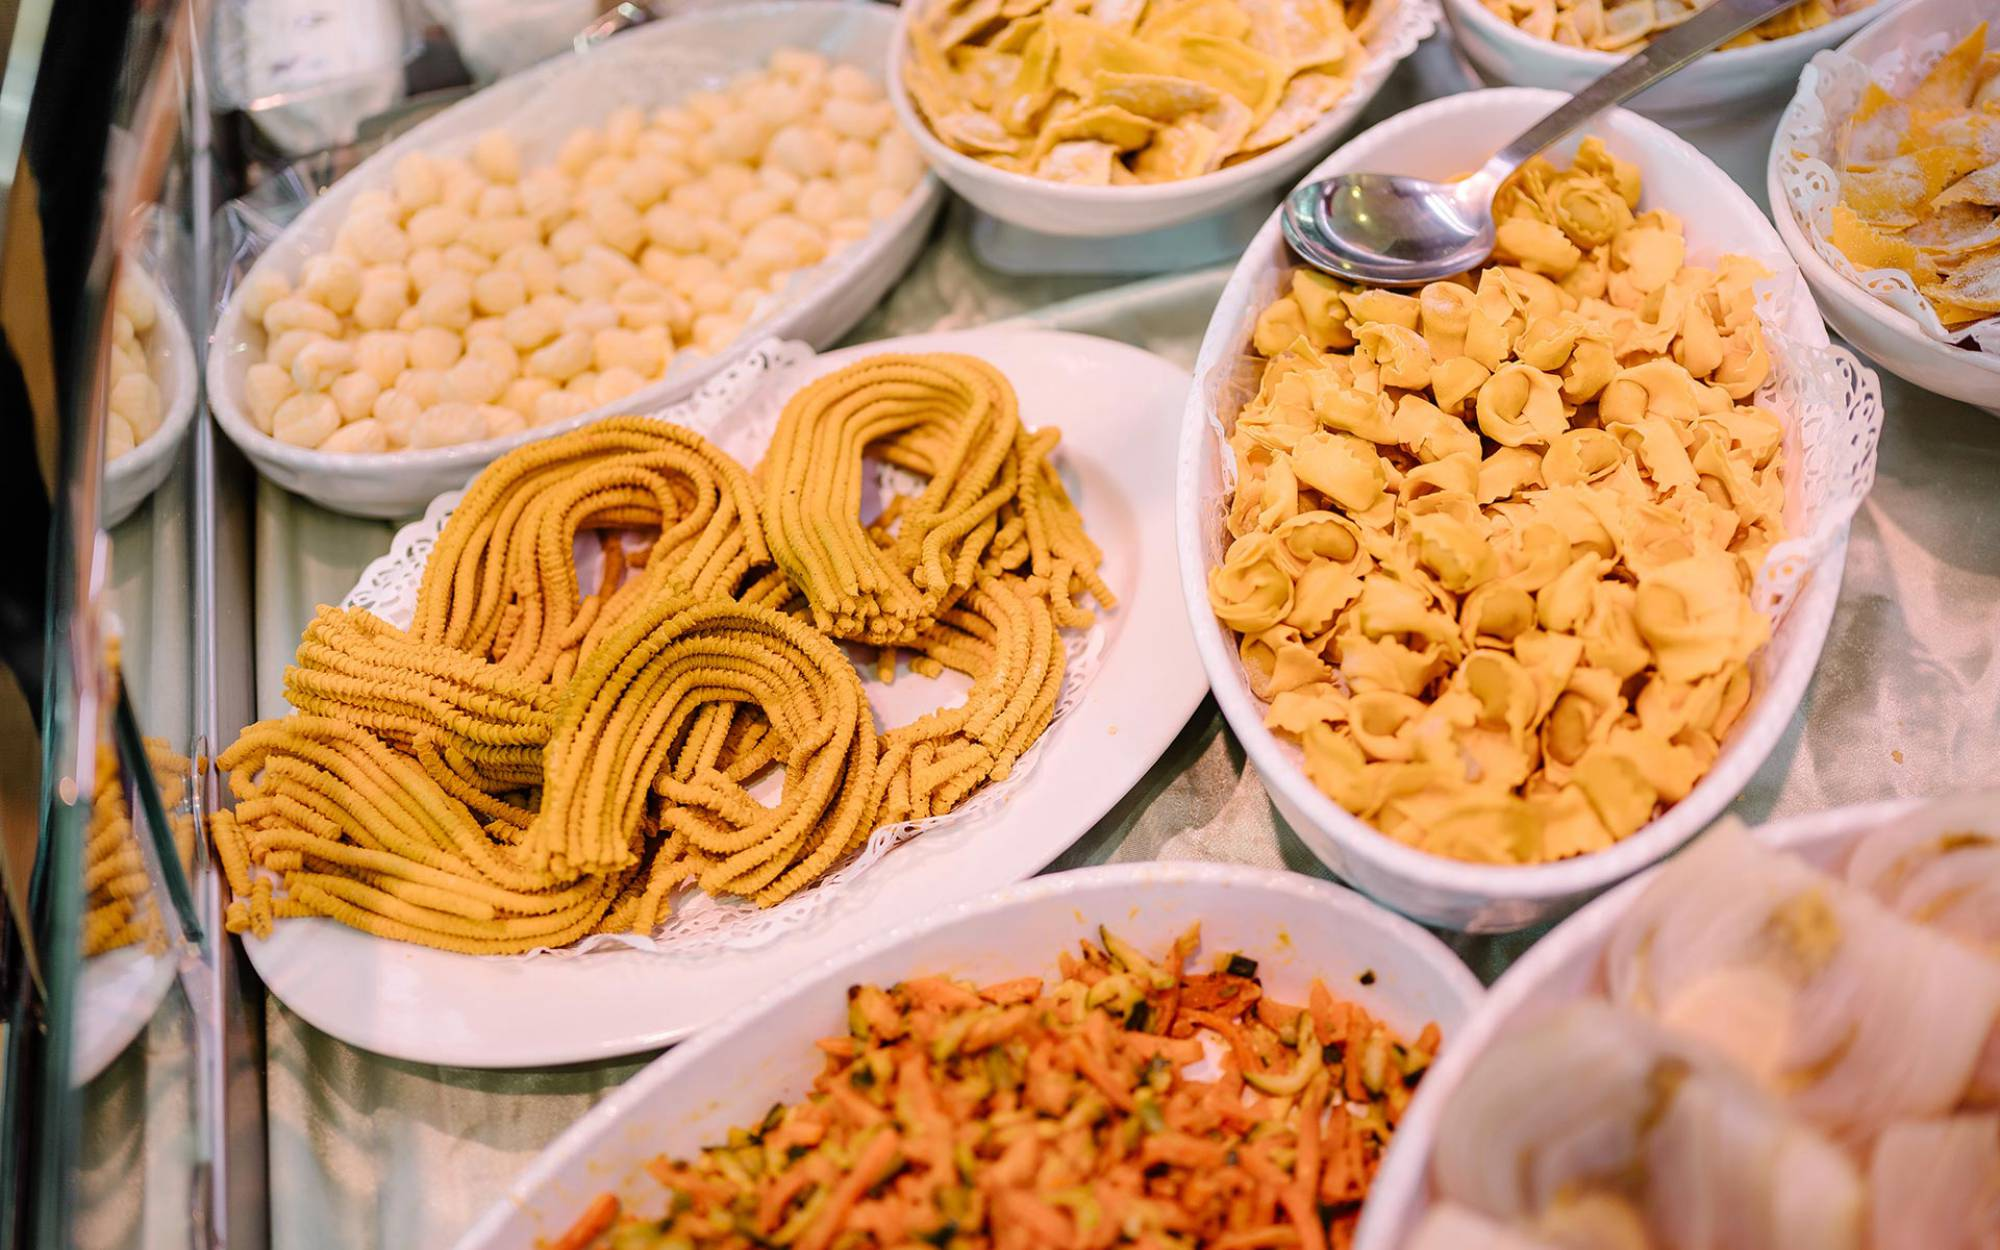 pasta fresca gastronomia il taglio giusto mariano comense cantù